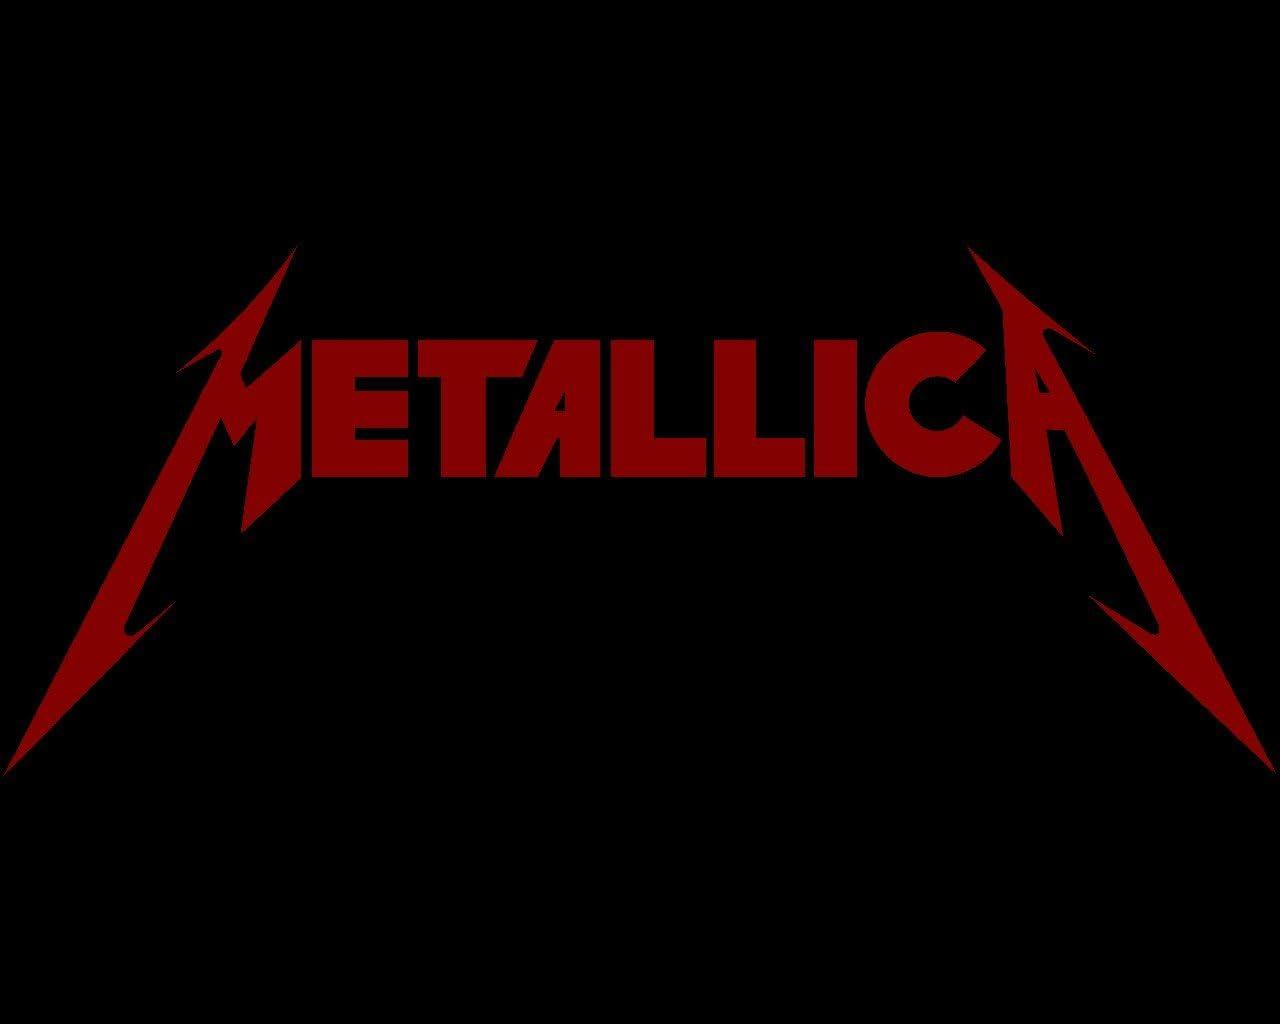 Amazon.com: Metallica Heavy Metal para ventanillas de coche ...